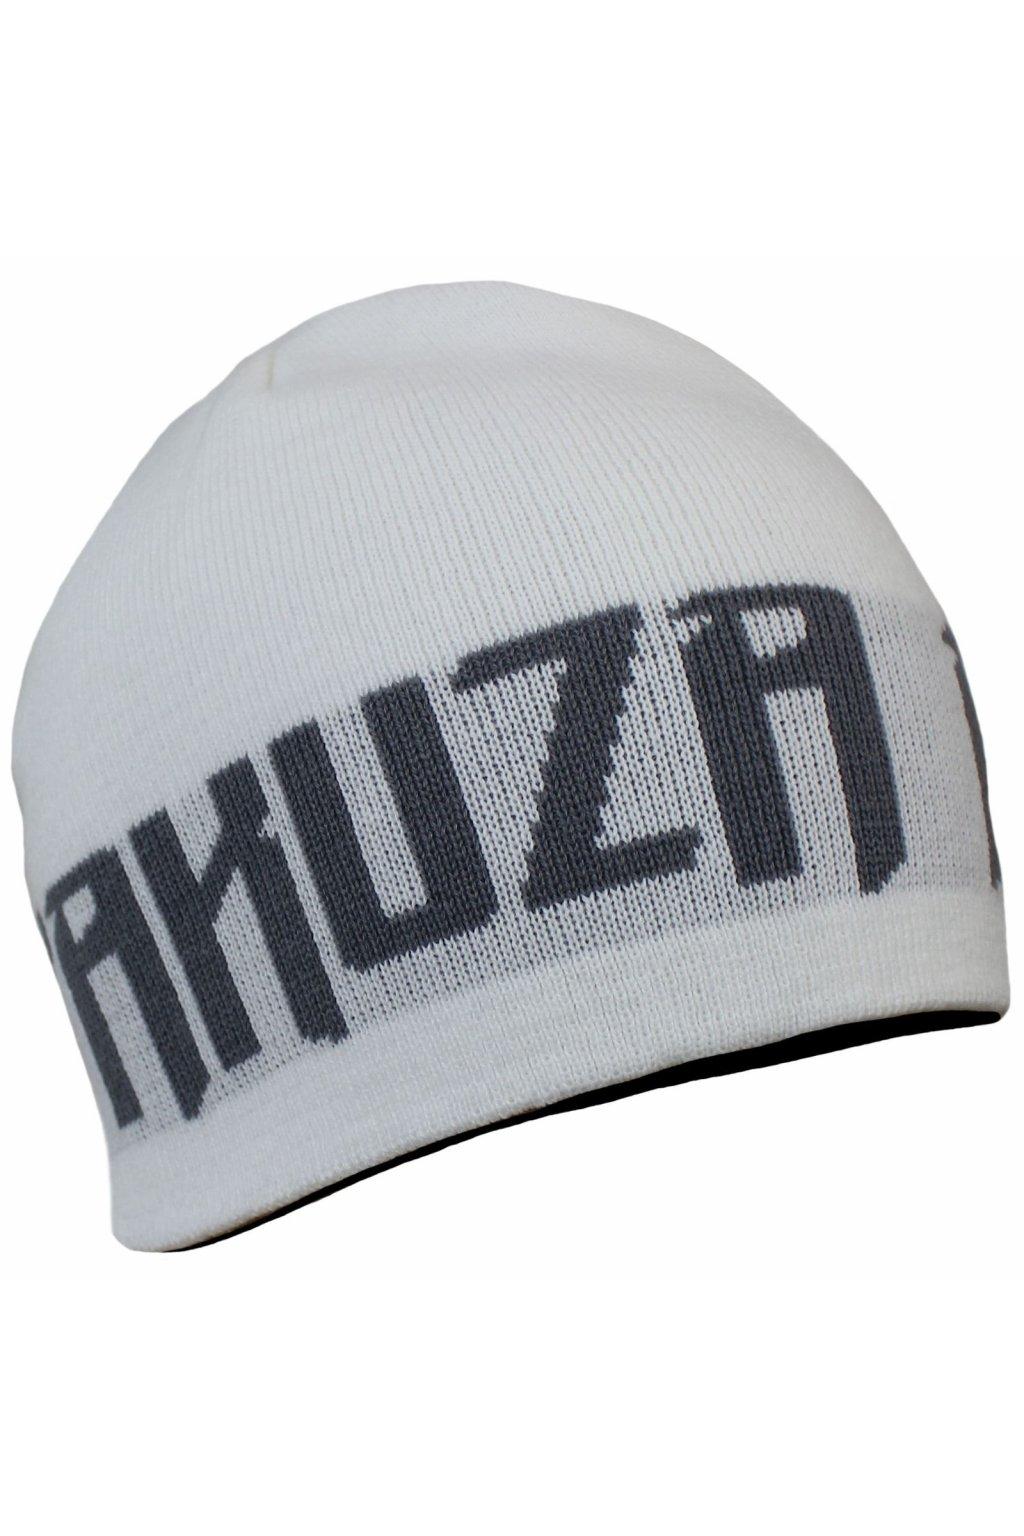 Yakuza Premium kulich 2782 přírodní bílá obr1